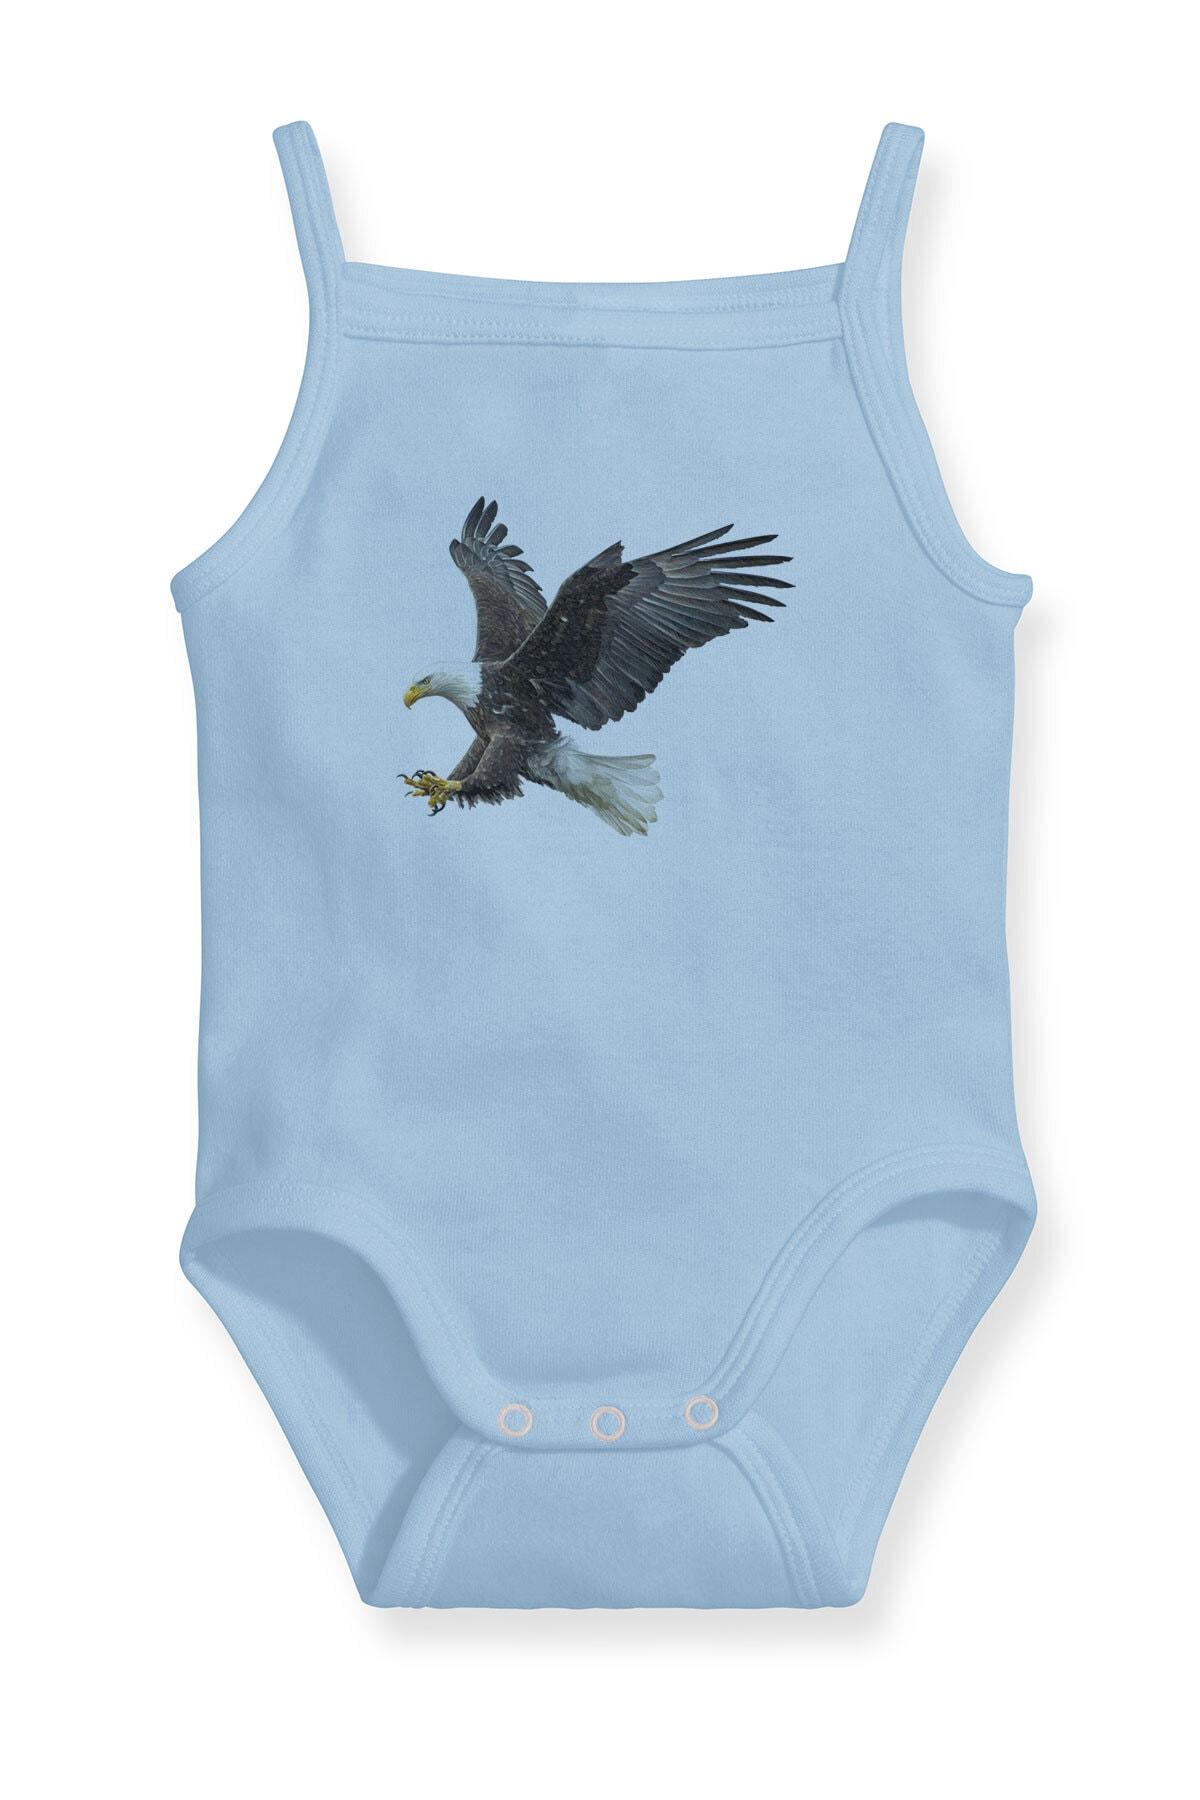 Angemiel Baby Şahin Erkek Bebek Askılı Zıbın Body Atlet Mavi 1